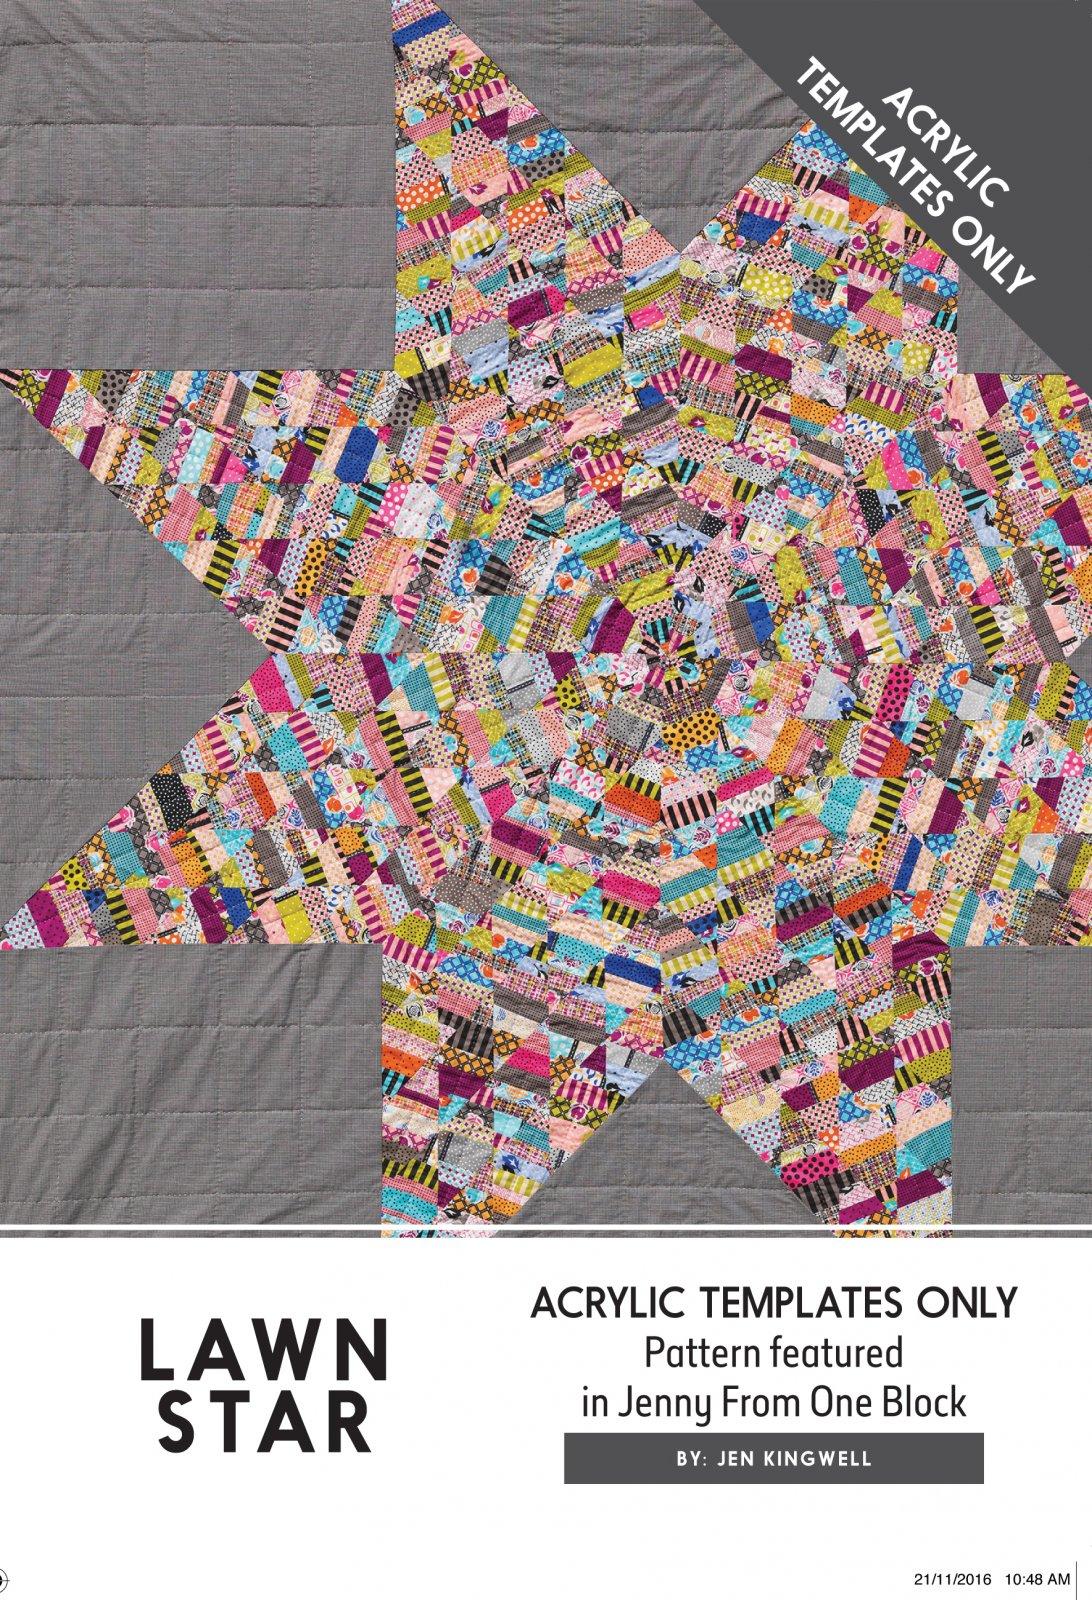 Lawn Star Acrylic Template by Jen Kingwell